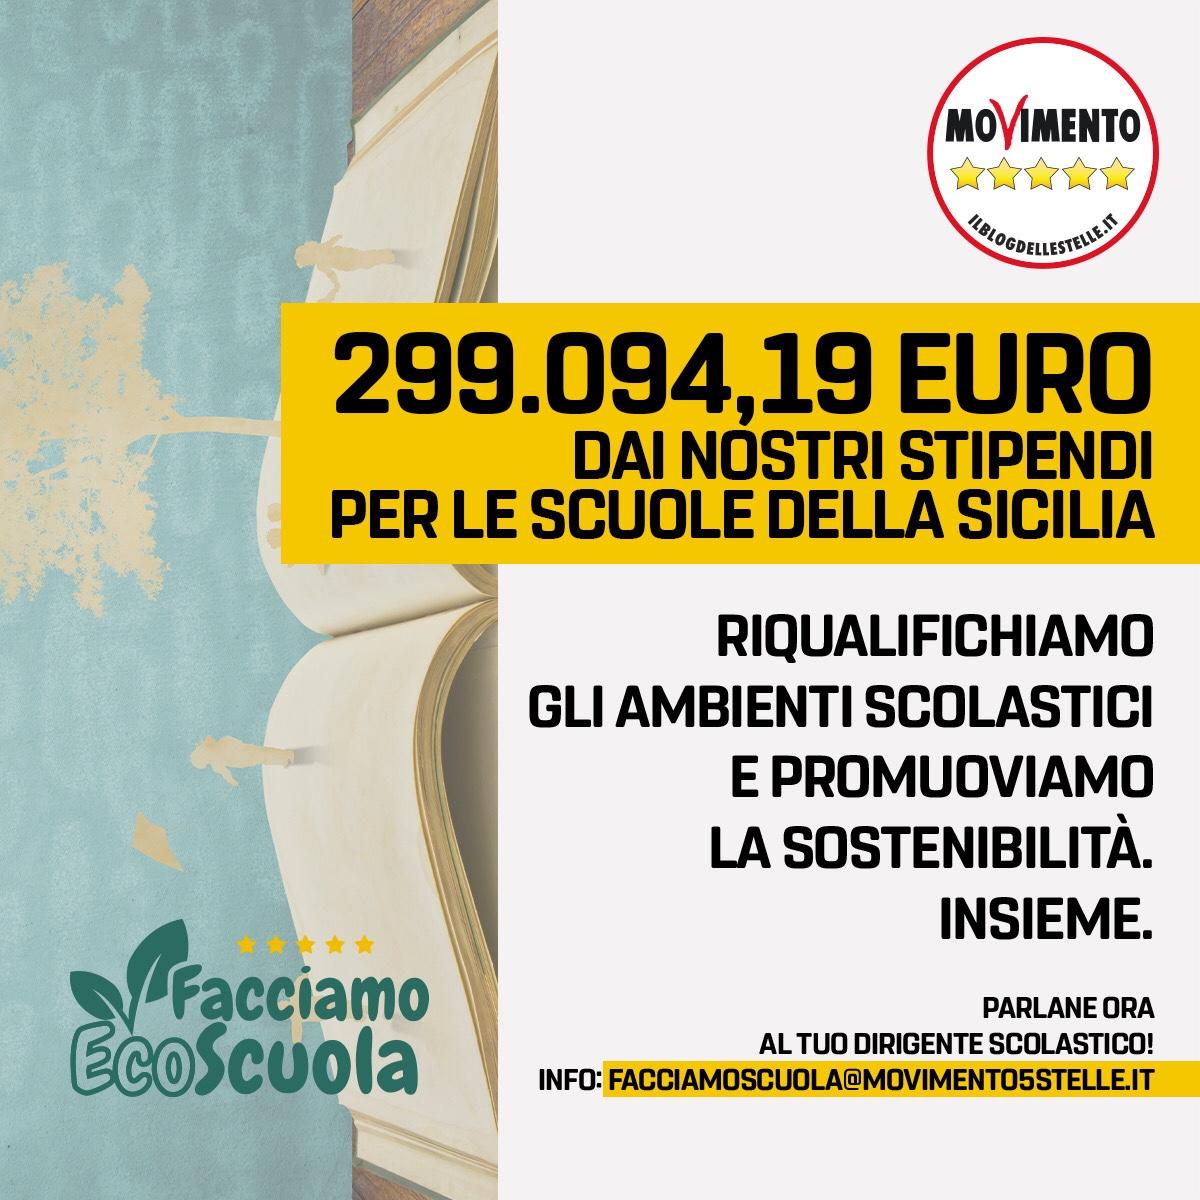 """""""Facciamo Ecoscuola"""", Lorefice (M5S): """"Per la Sicilia stanziati 300 mila euro"""" C'è tempo fino al 29febbraio"""